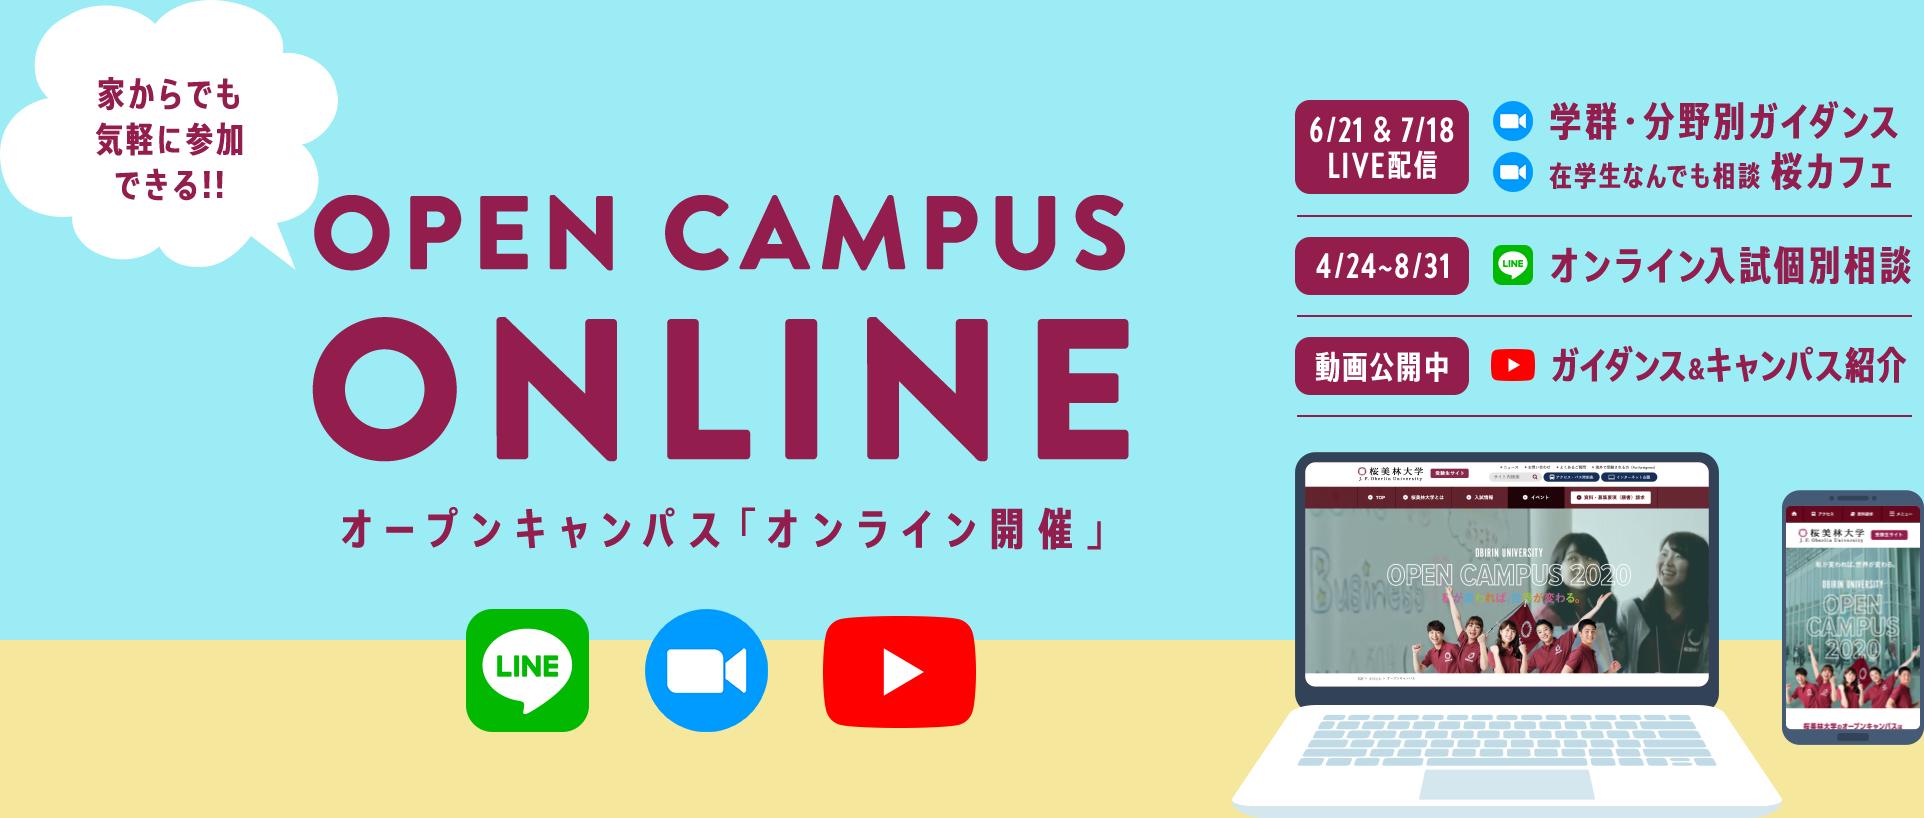 【WEB】オープンキャンパス「オンライン開催」